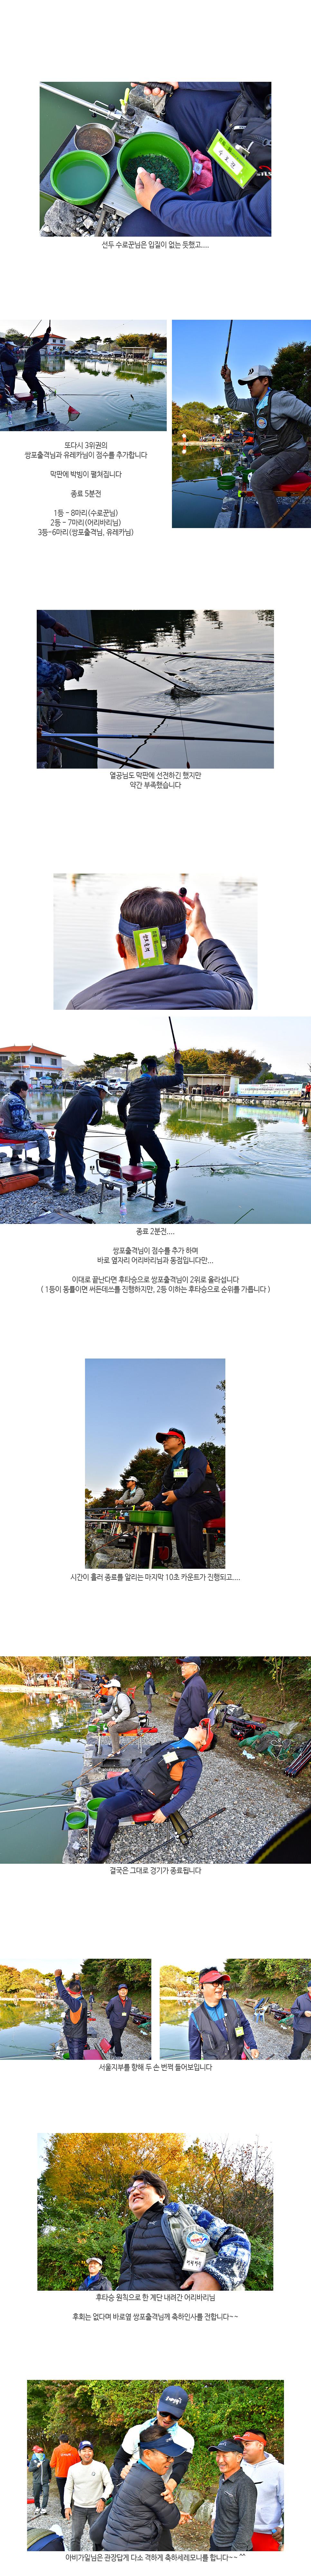 2018 군계일학 왕중왕전 - 12.jpg